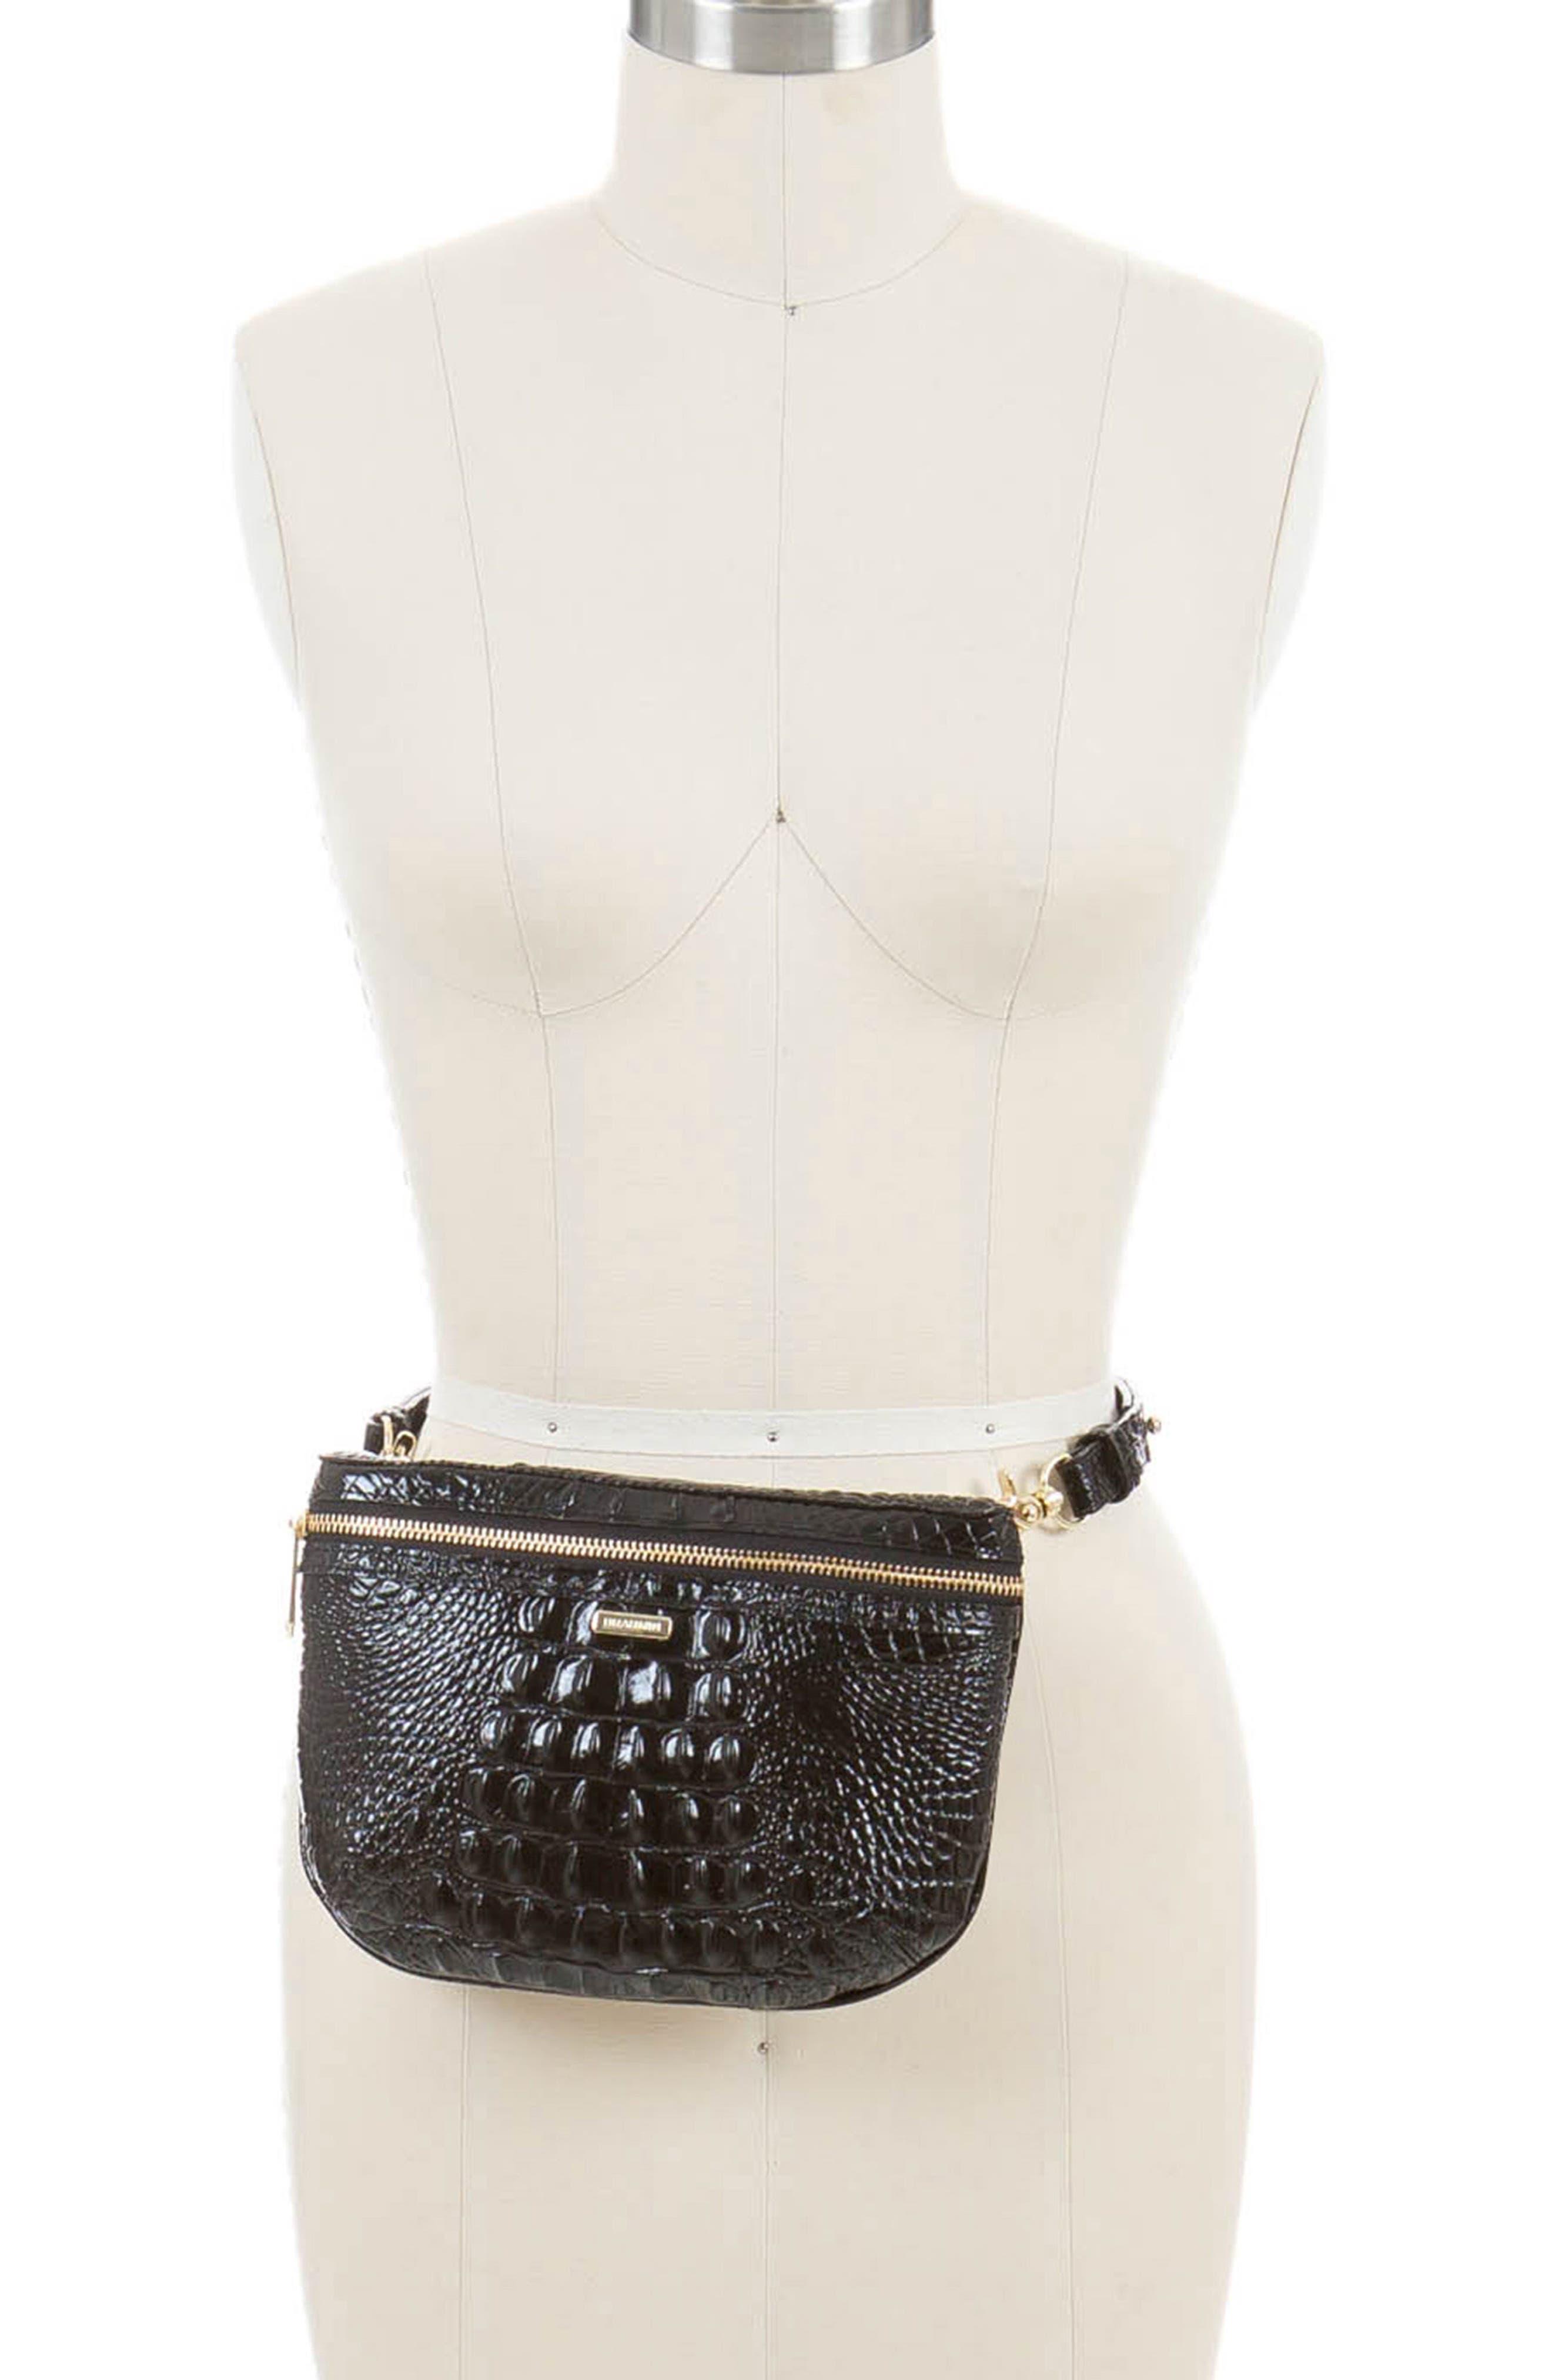 BRAHMIN, Croc Embossed Leather Belt Bag, Alternate thumbnail 2, color, BLACK